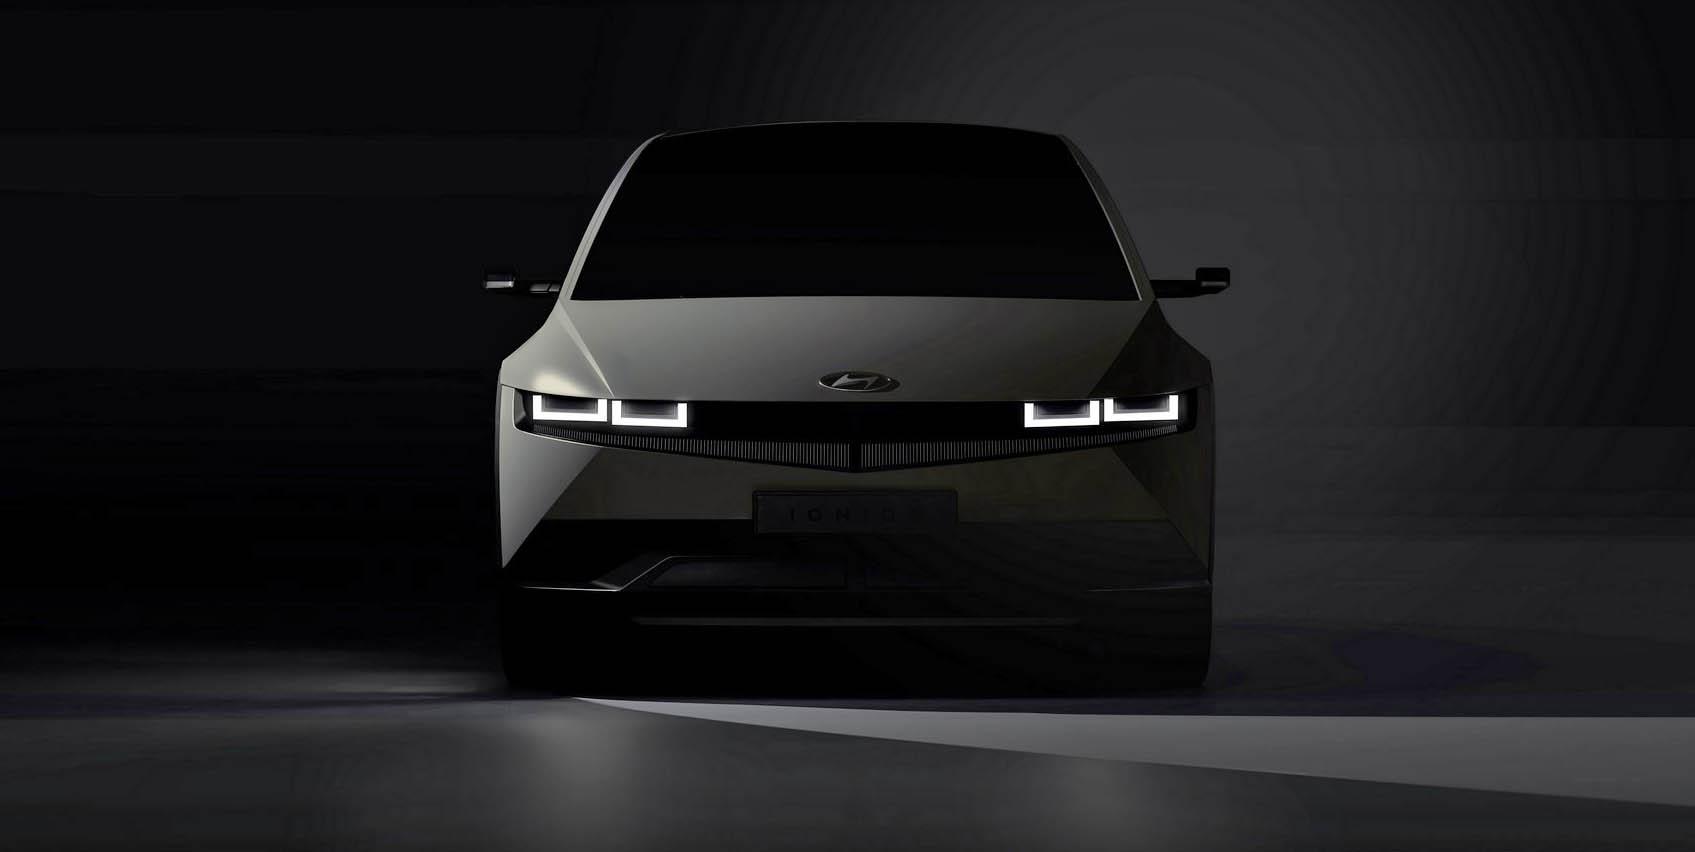 Το Hyundai Ioniq 5 είναι ένα ξεχωριστό ηλεκτρικό αυτοκίνητο [vid]